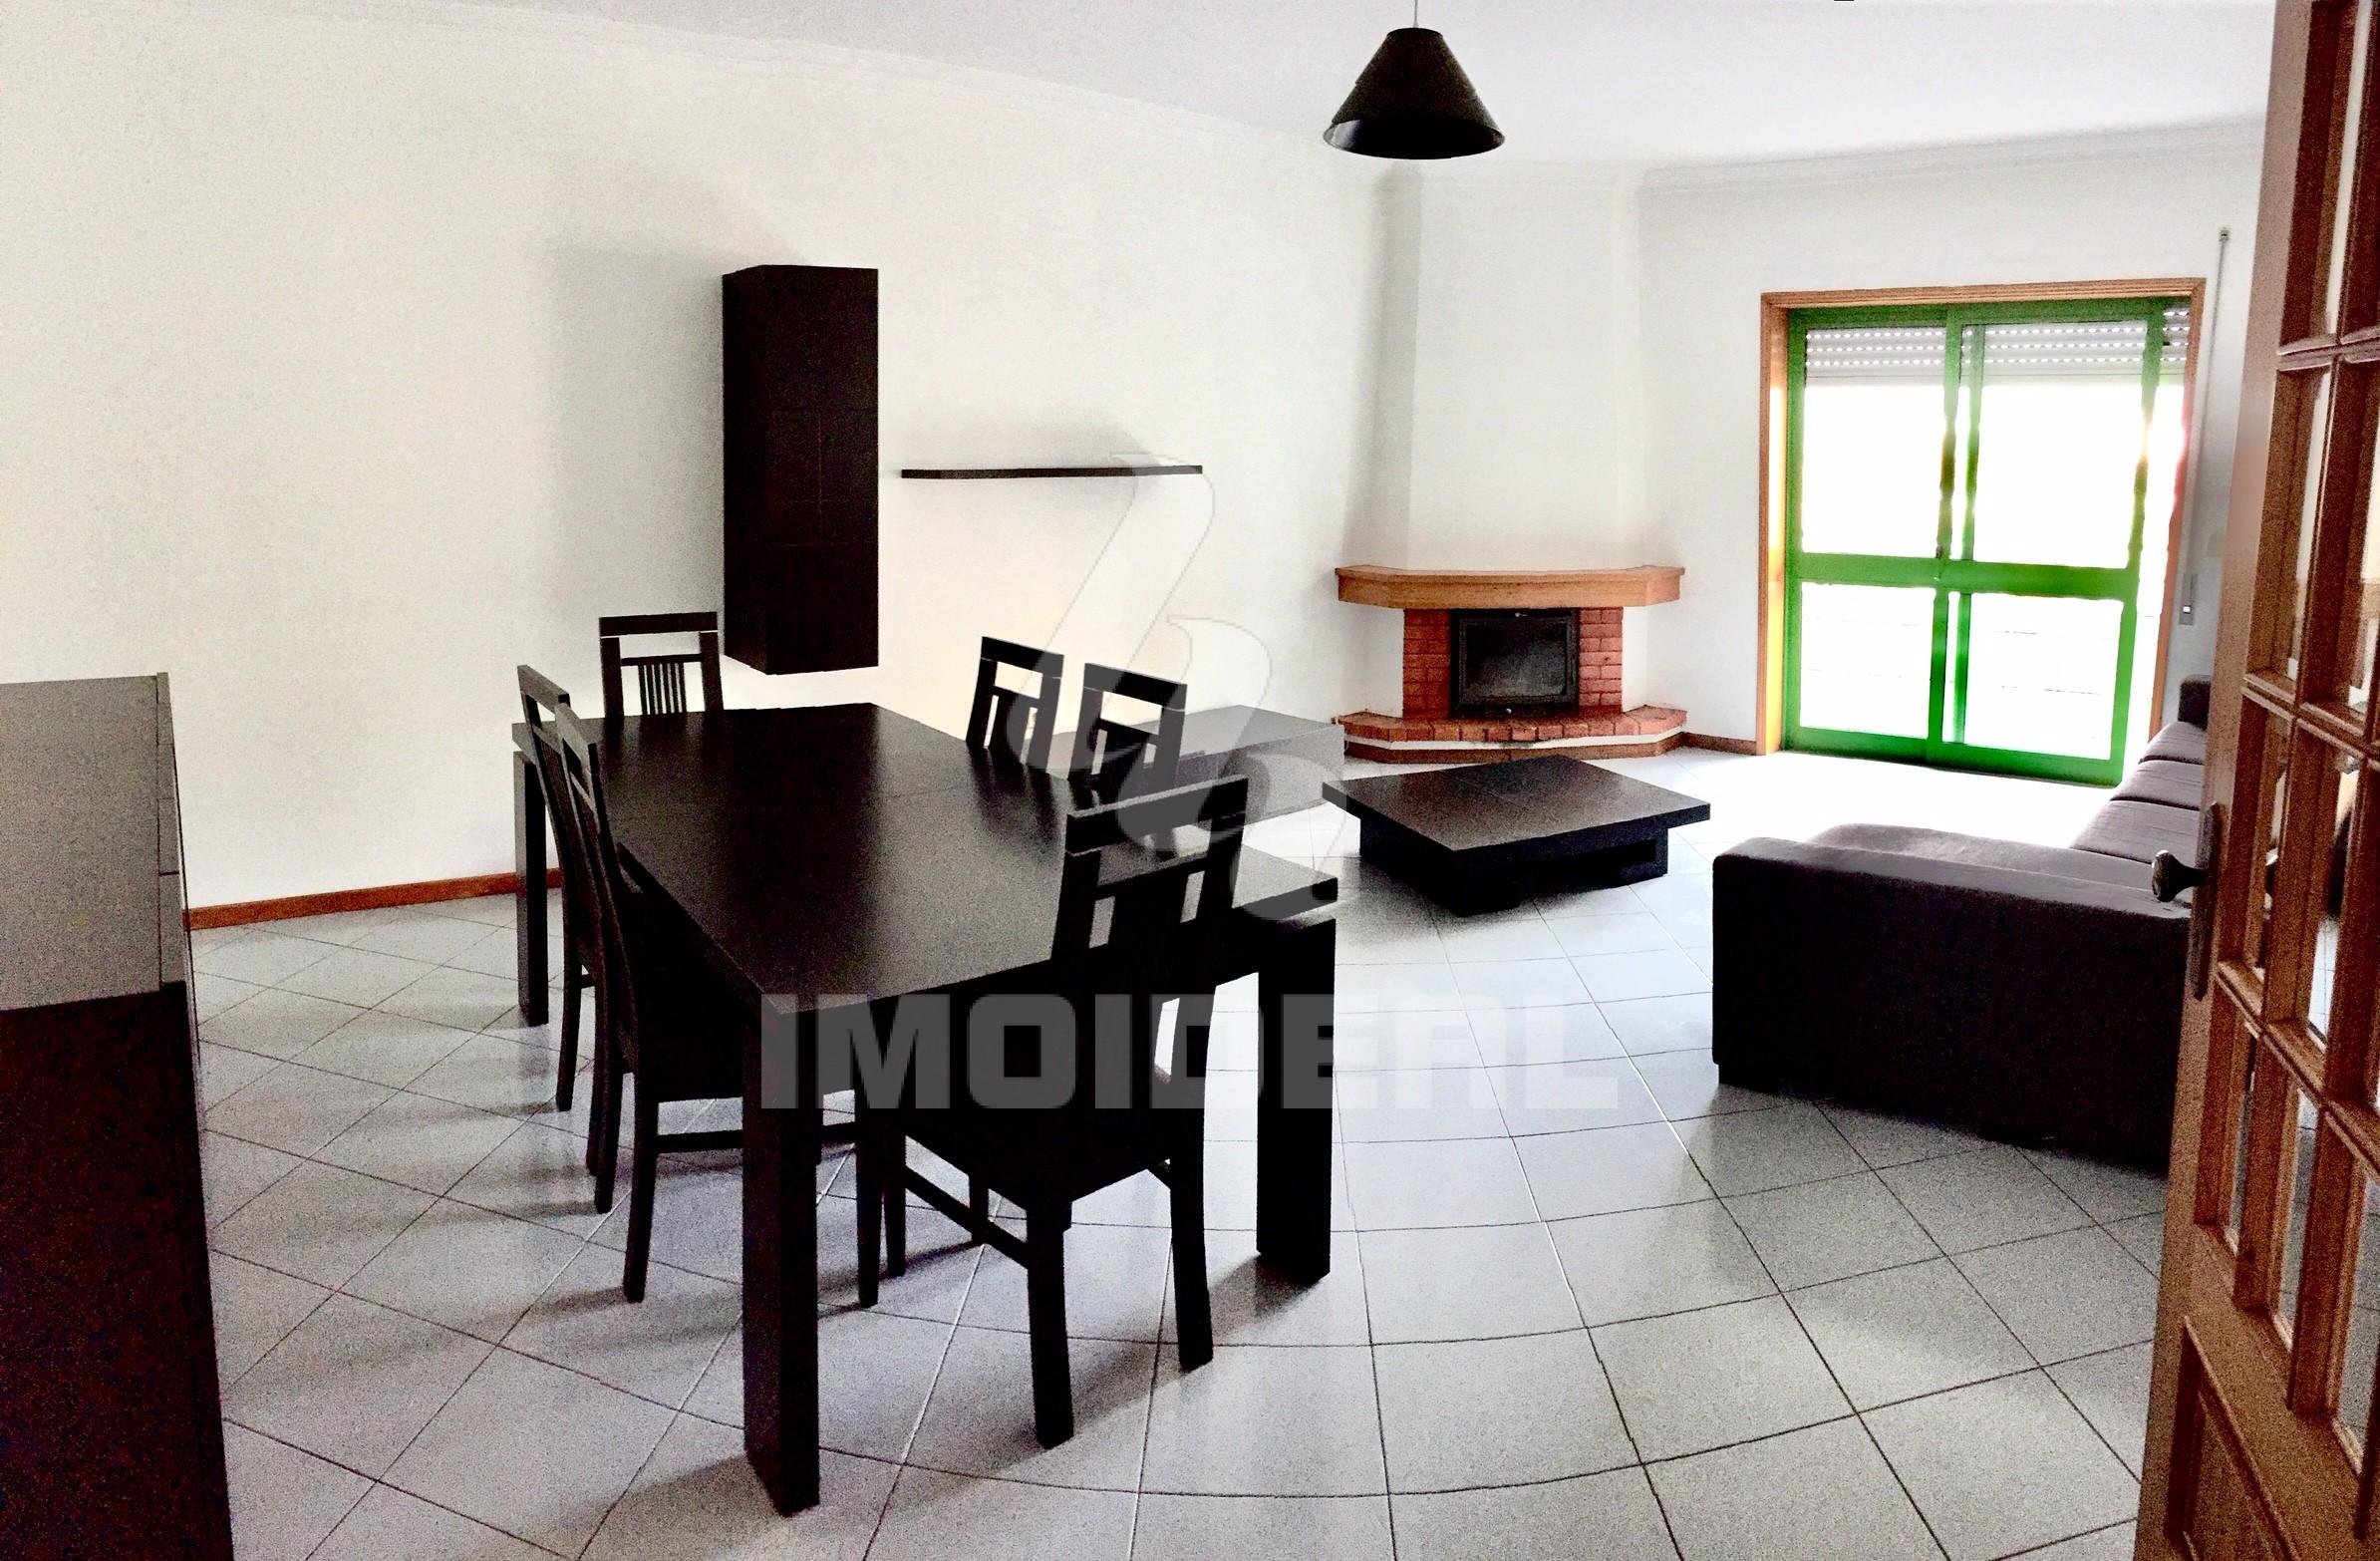 Apartamento T3 Joane Vila Nova de Famalicao